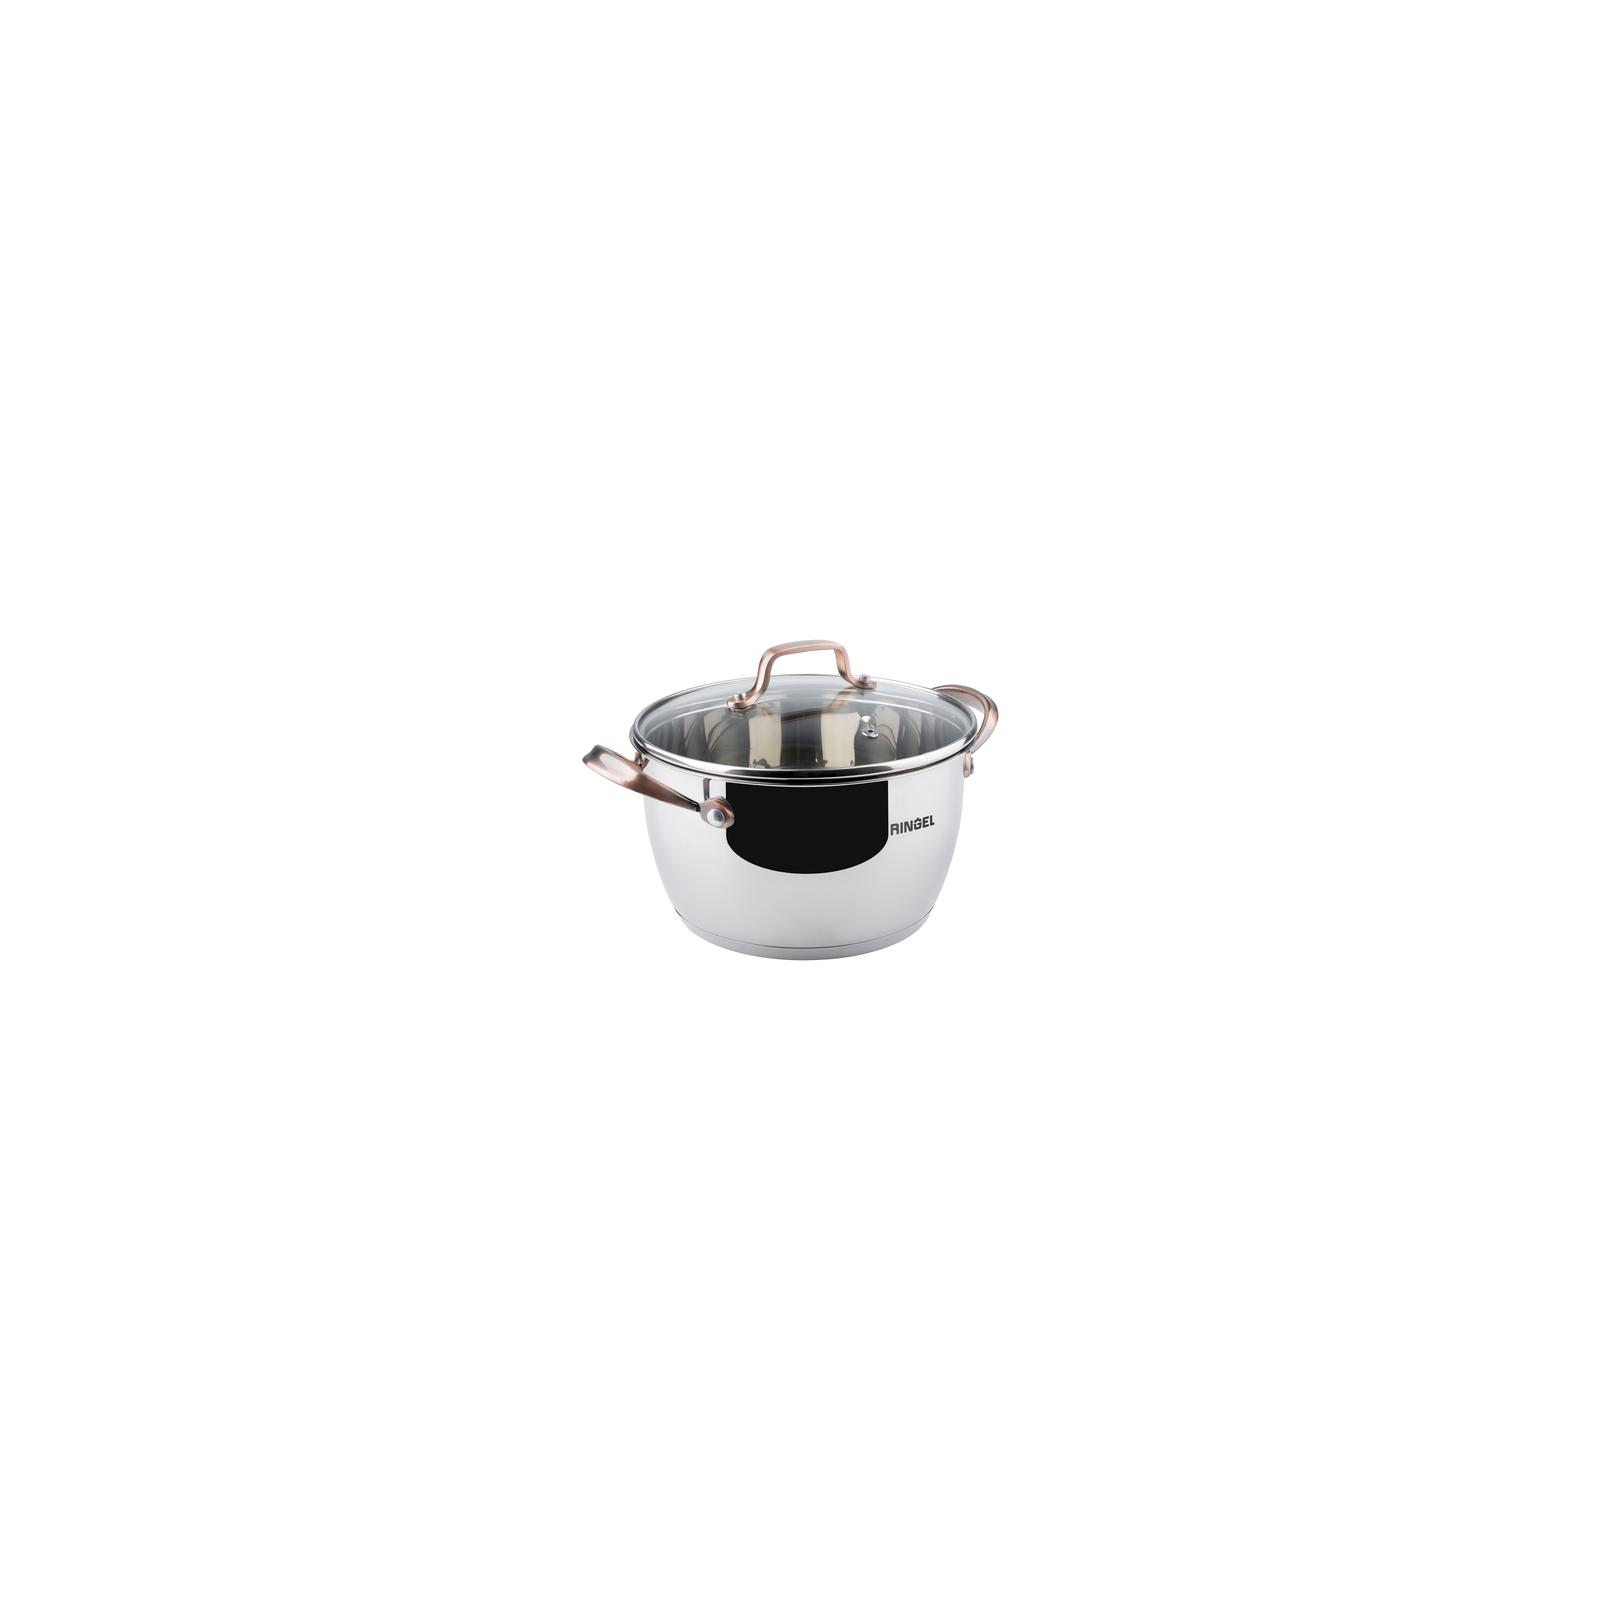 Набор посуды Ringel Mainz 4 предмета (RG-6003) изображение 4